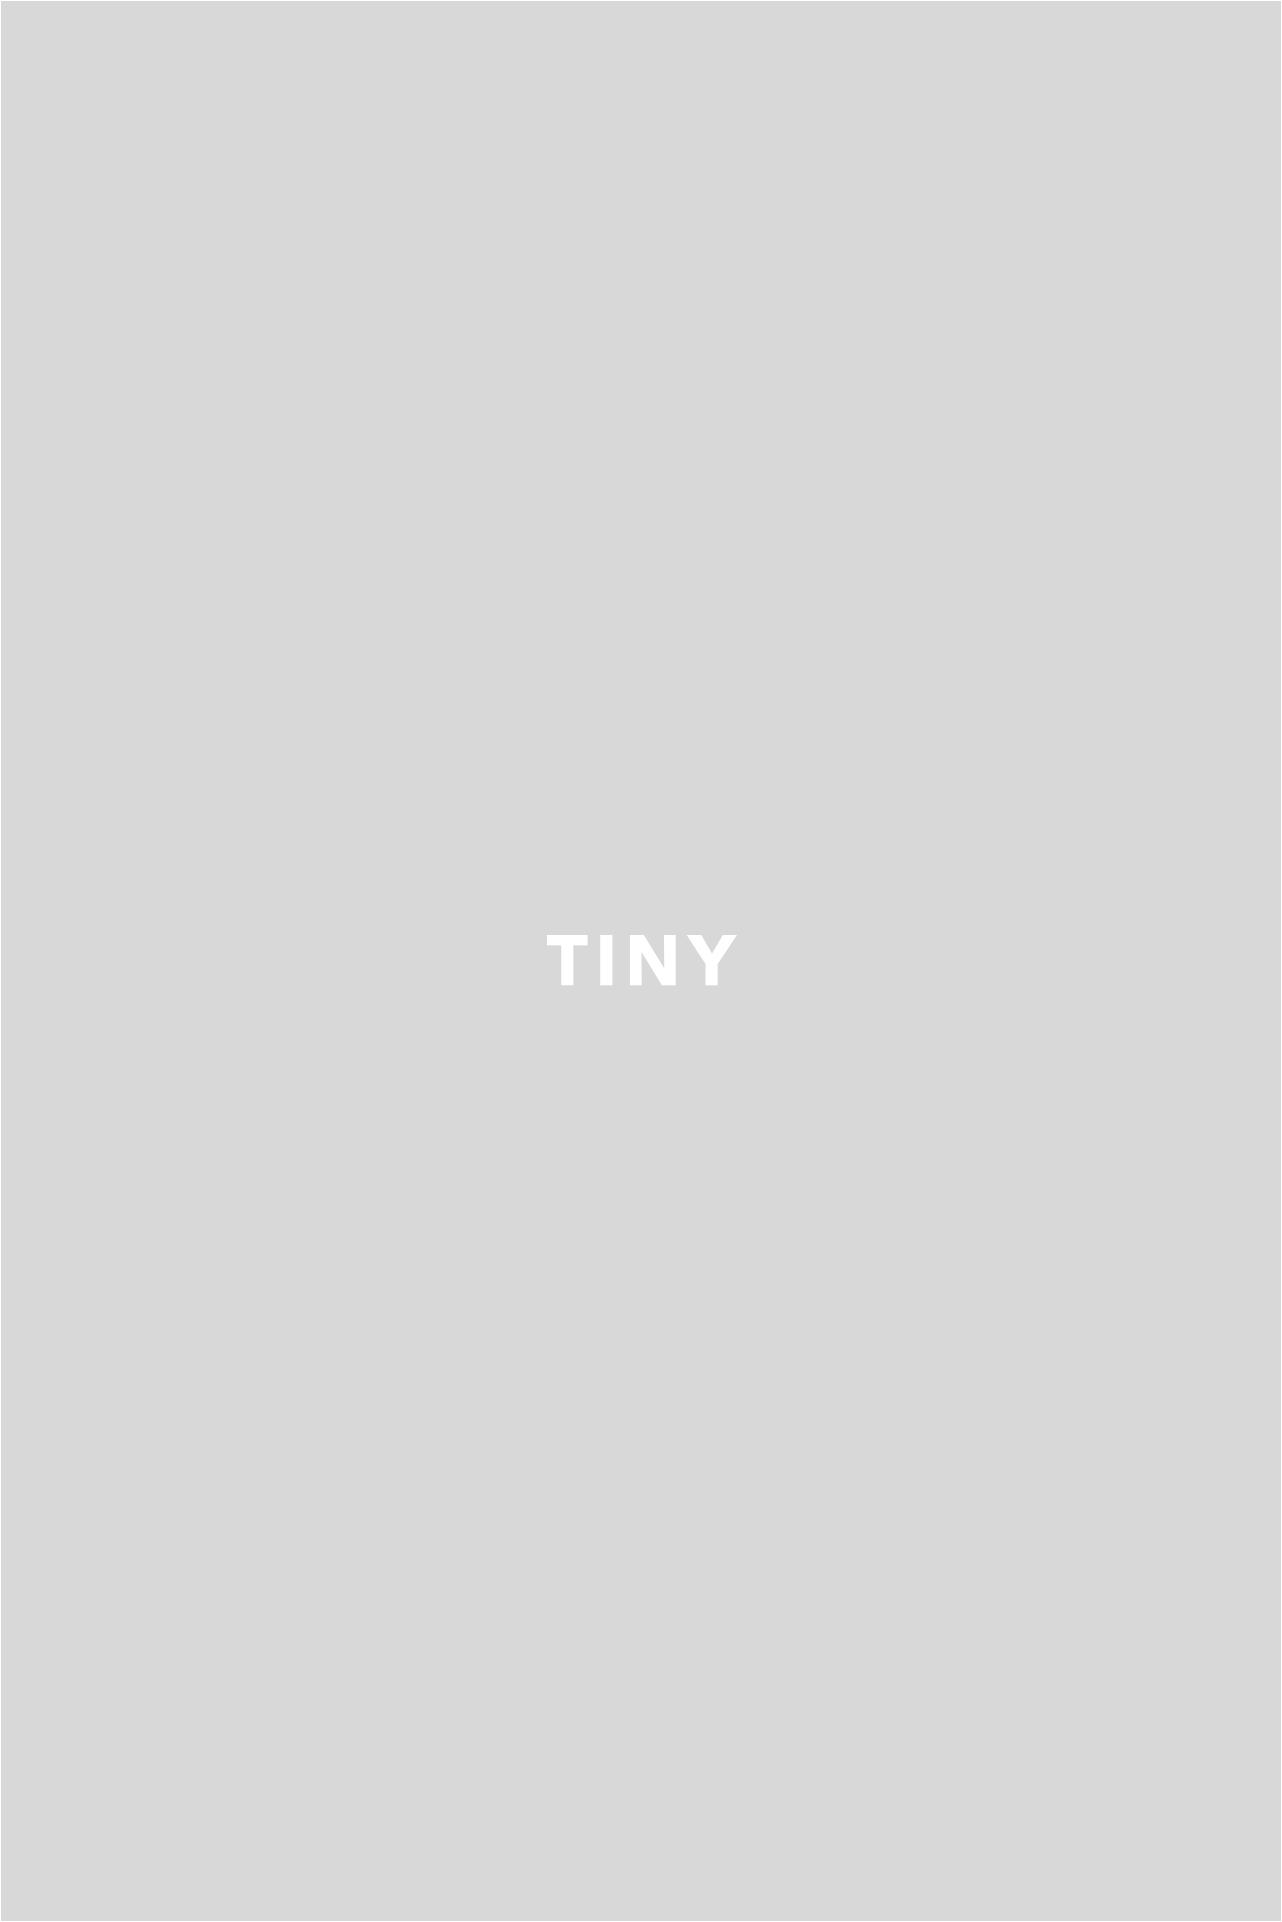 Book El Huerto De Pico El Erizo